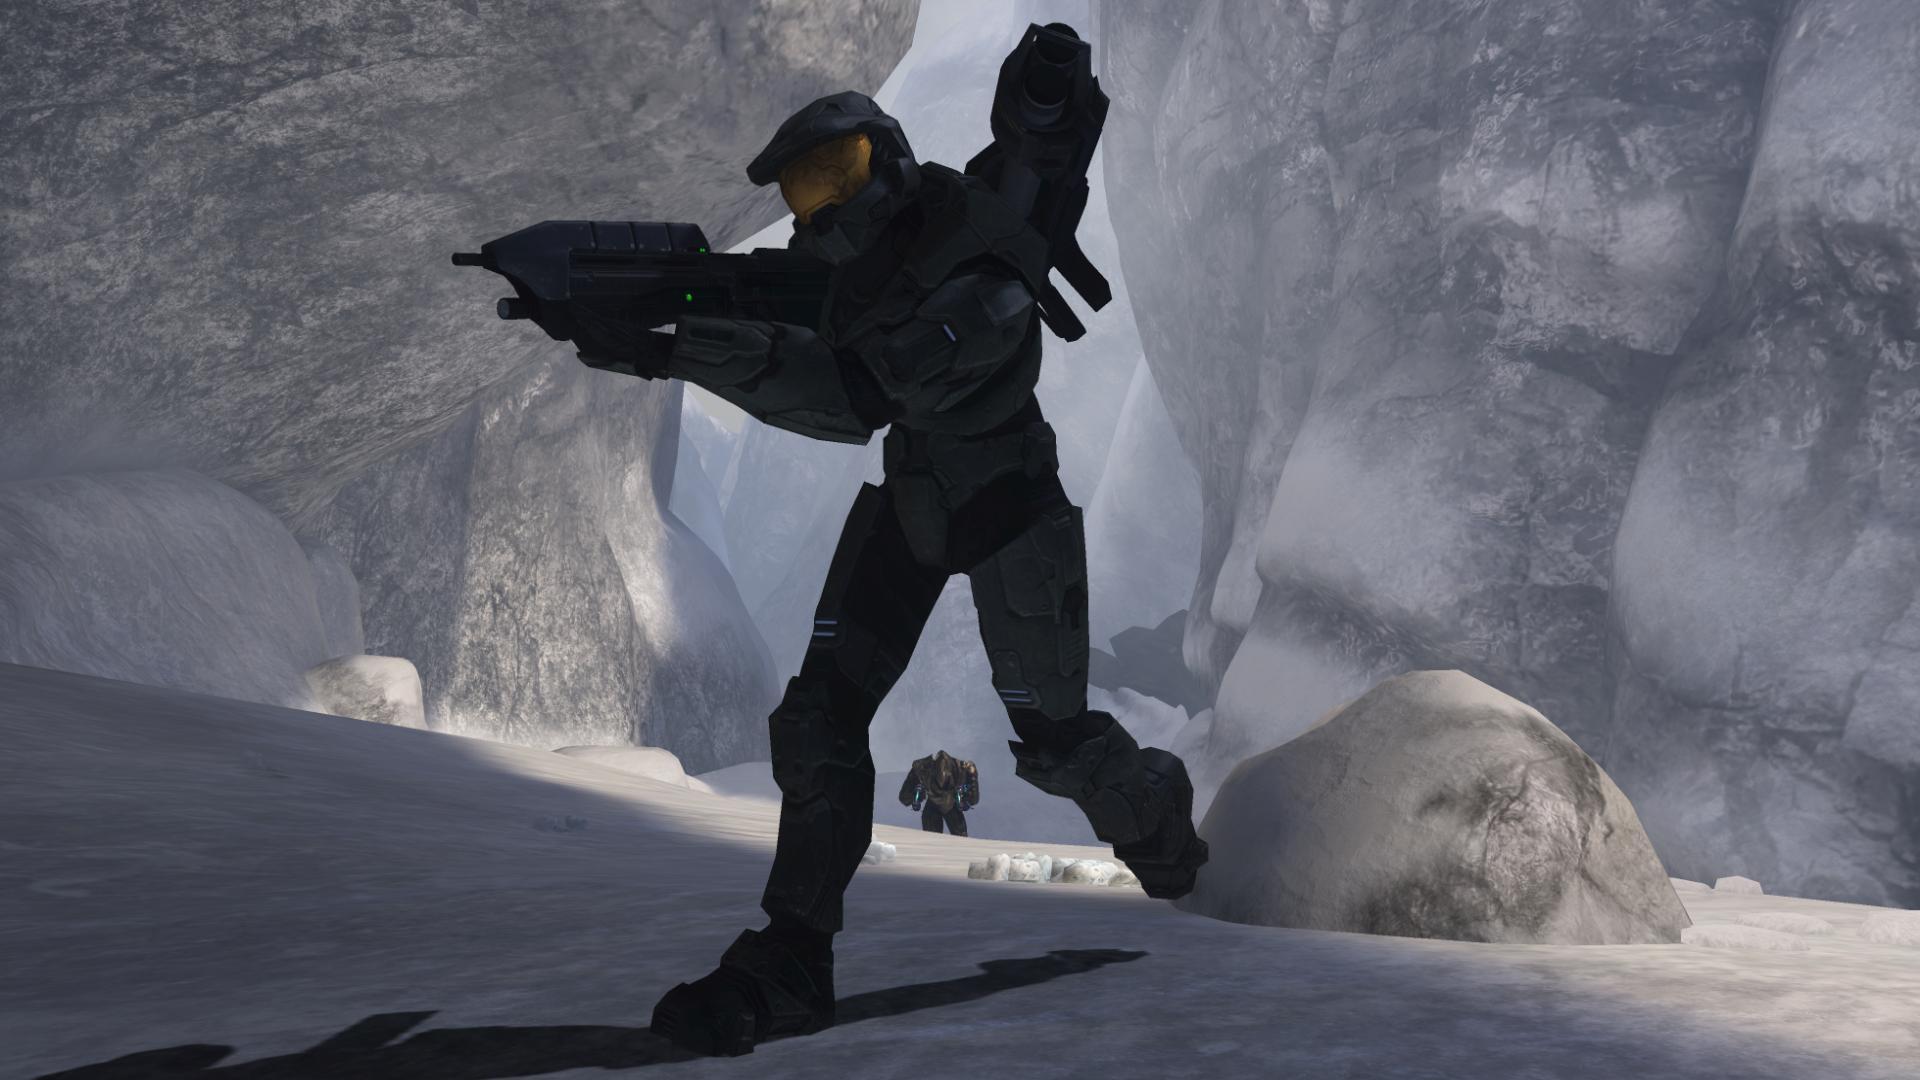 1523558866 8fa690c26a o Halo 3: Ice Caves